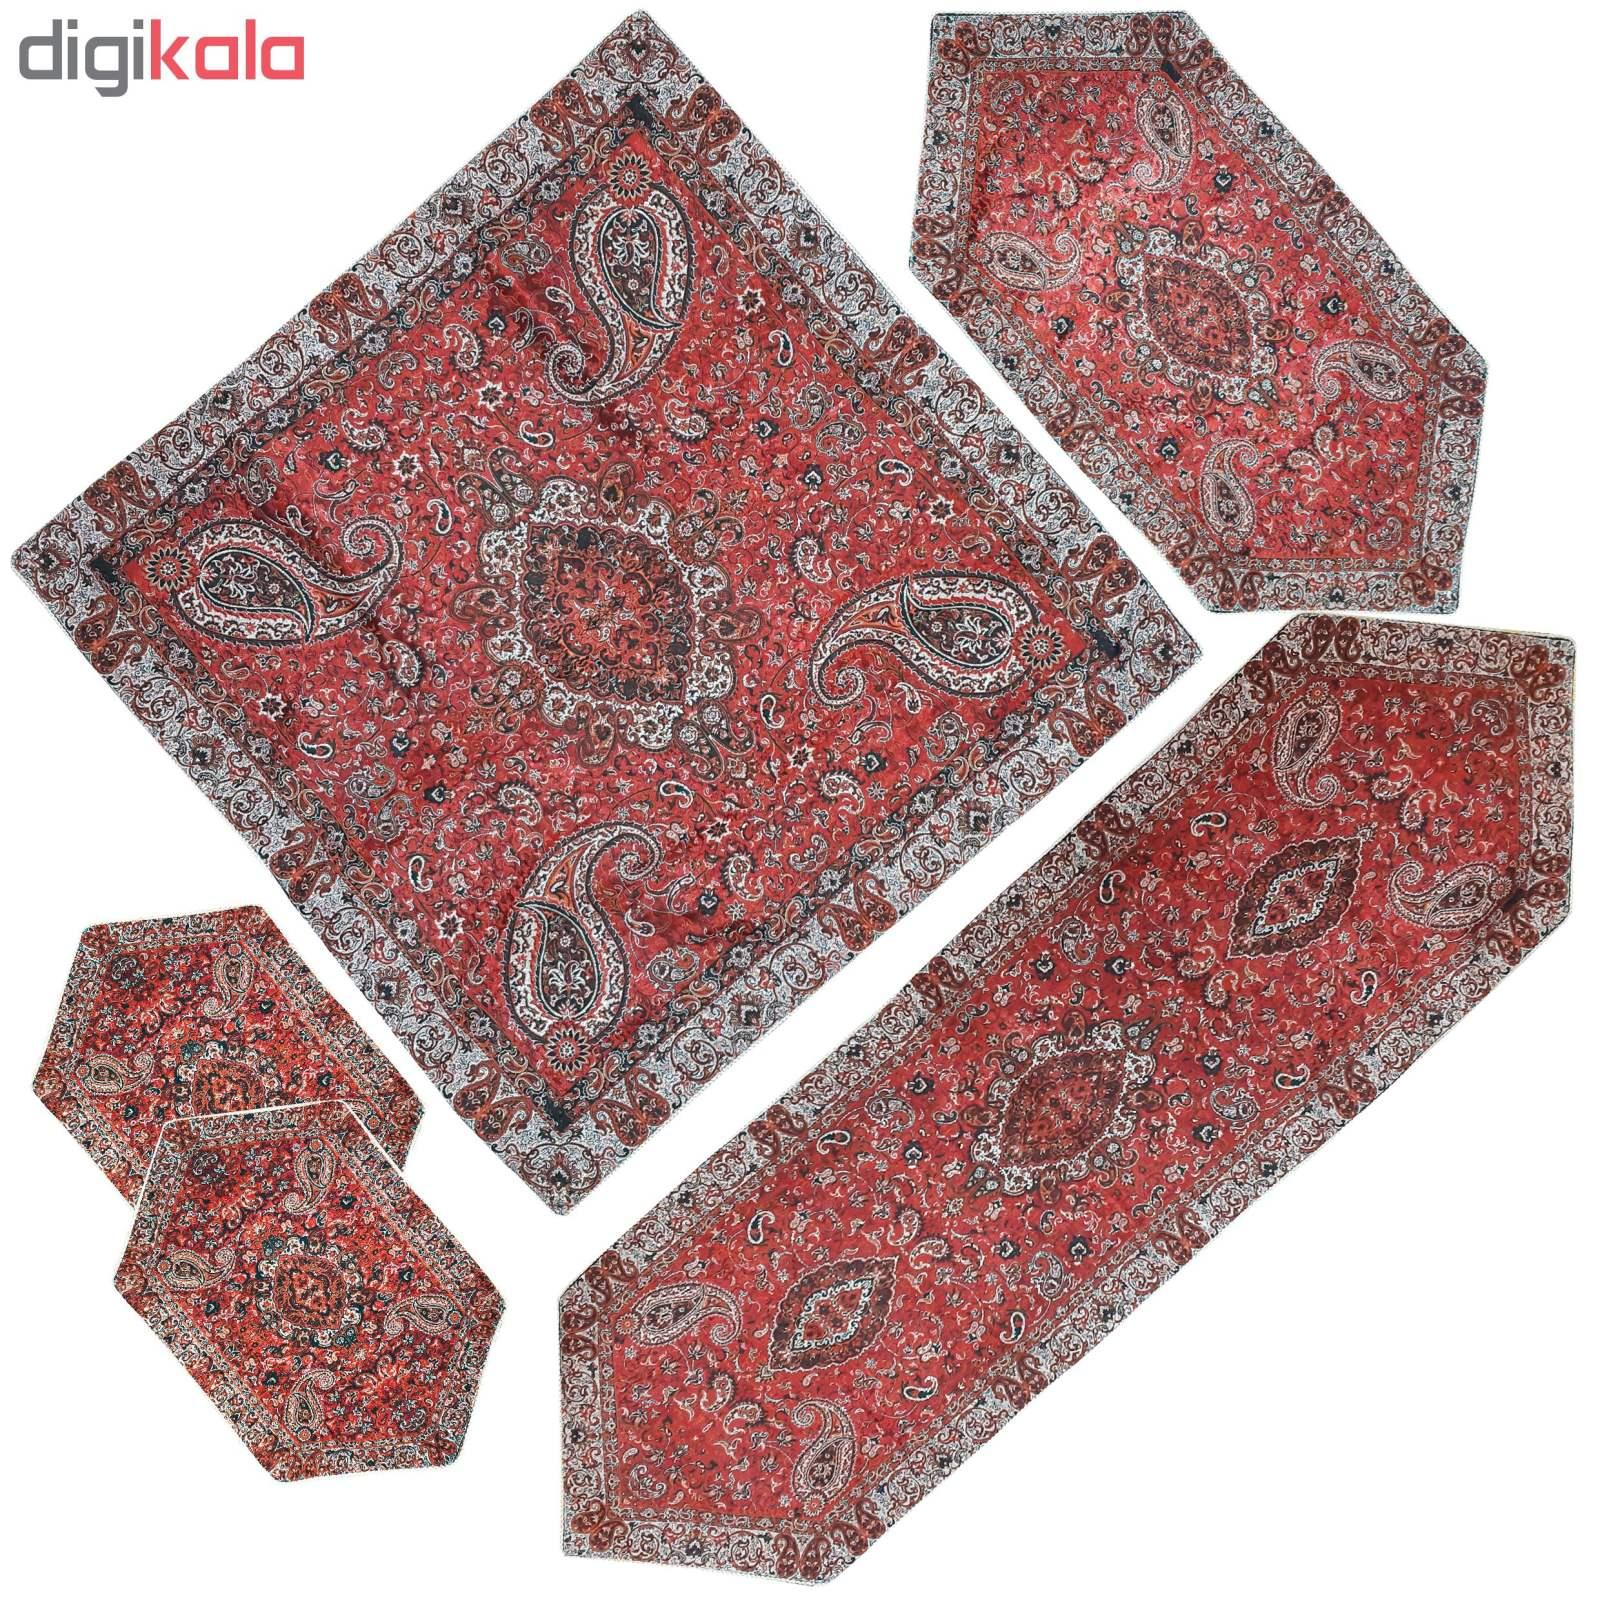 رومیزی ترمه طرح شاه عباسی مدل 5/RED5 مجموعه 5 عددی